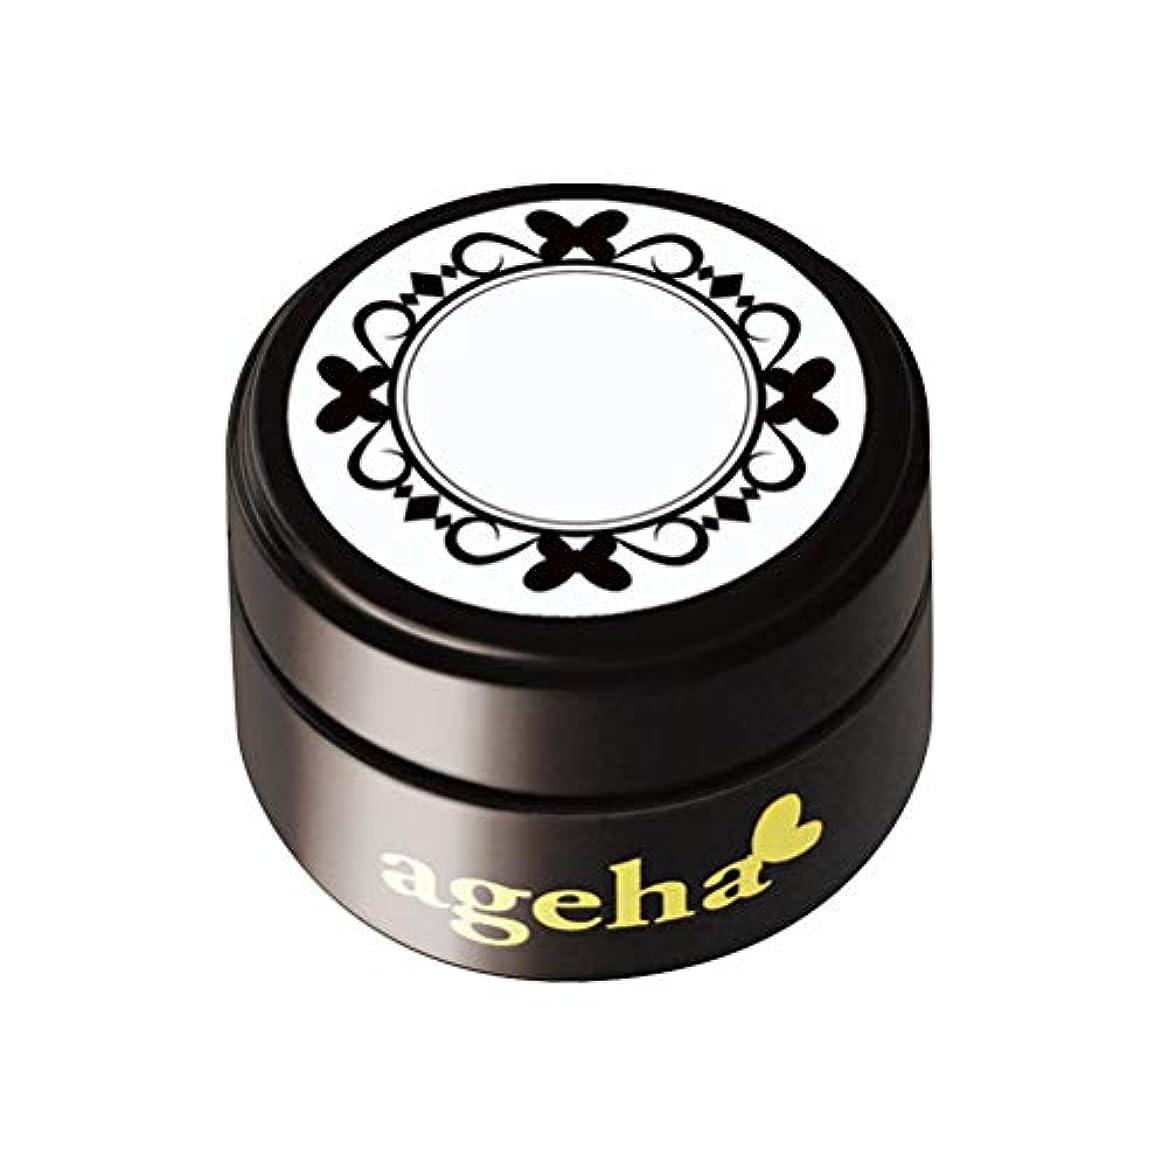 バン特別な進むageha コスメカラー 234 レトロオリーブ 2.7g UV/LED対応